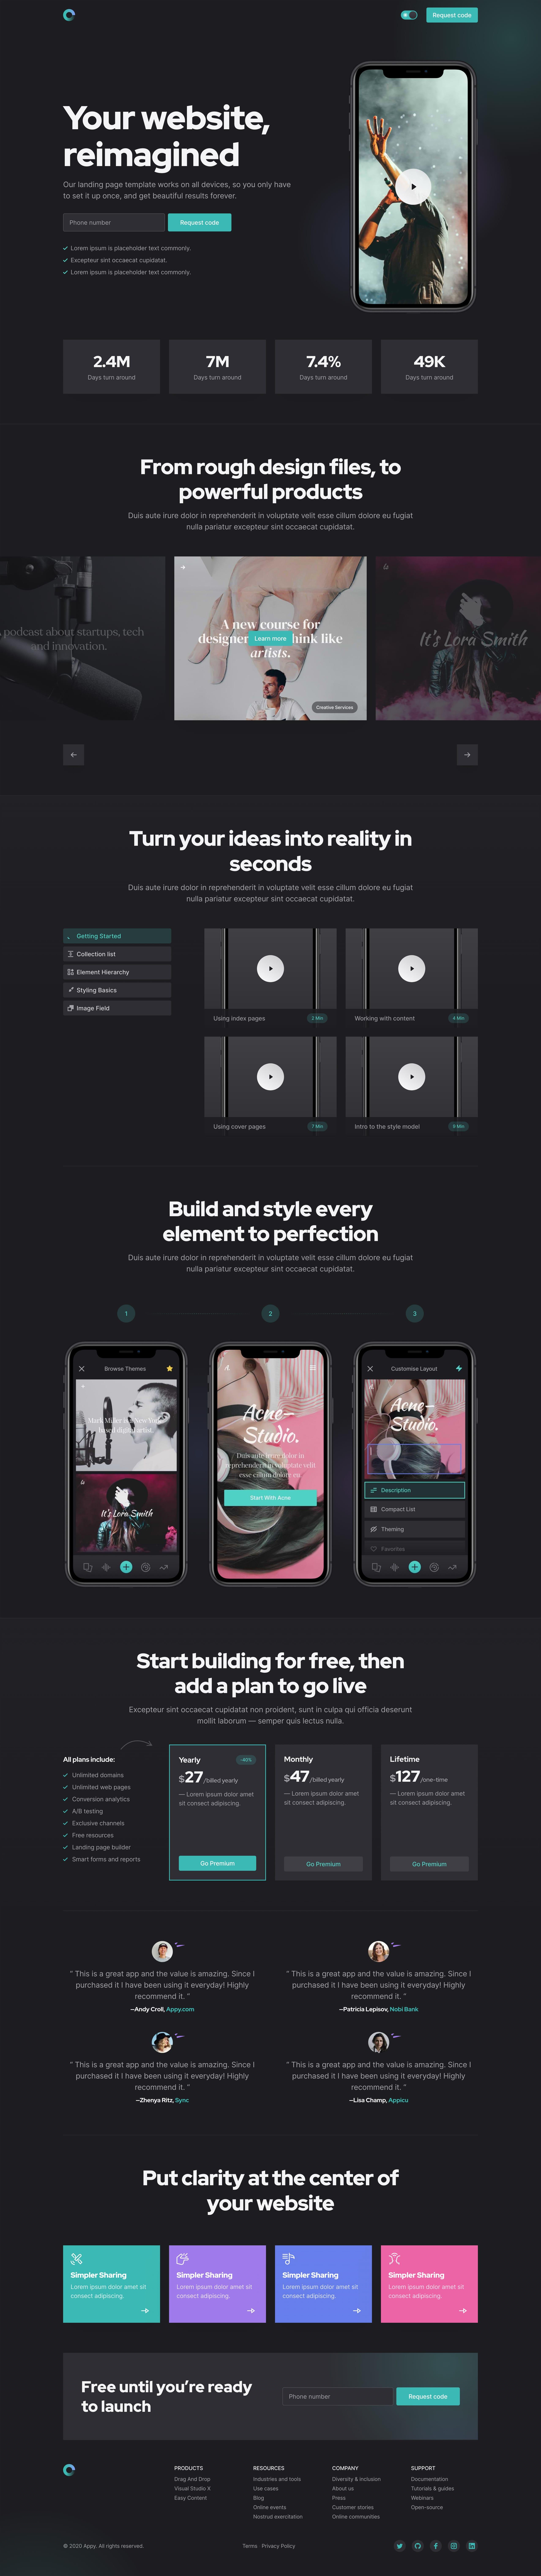 Appy Website Screenshot